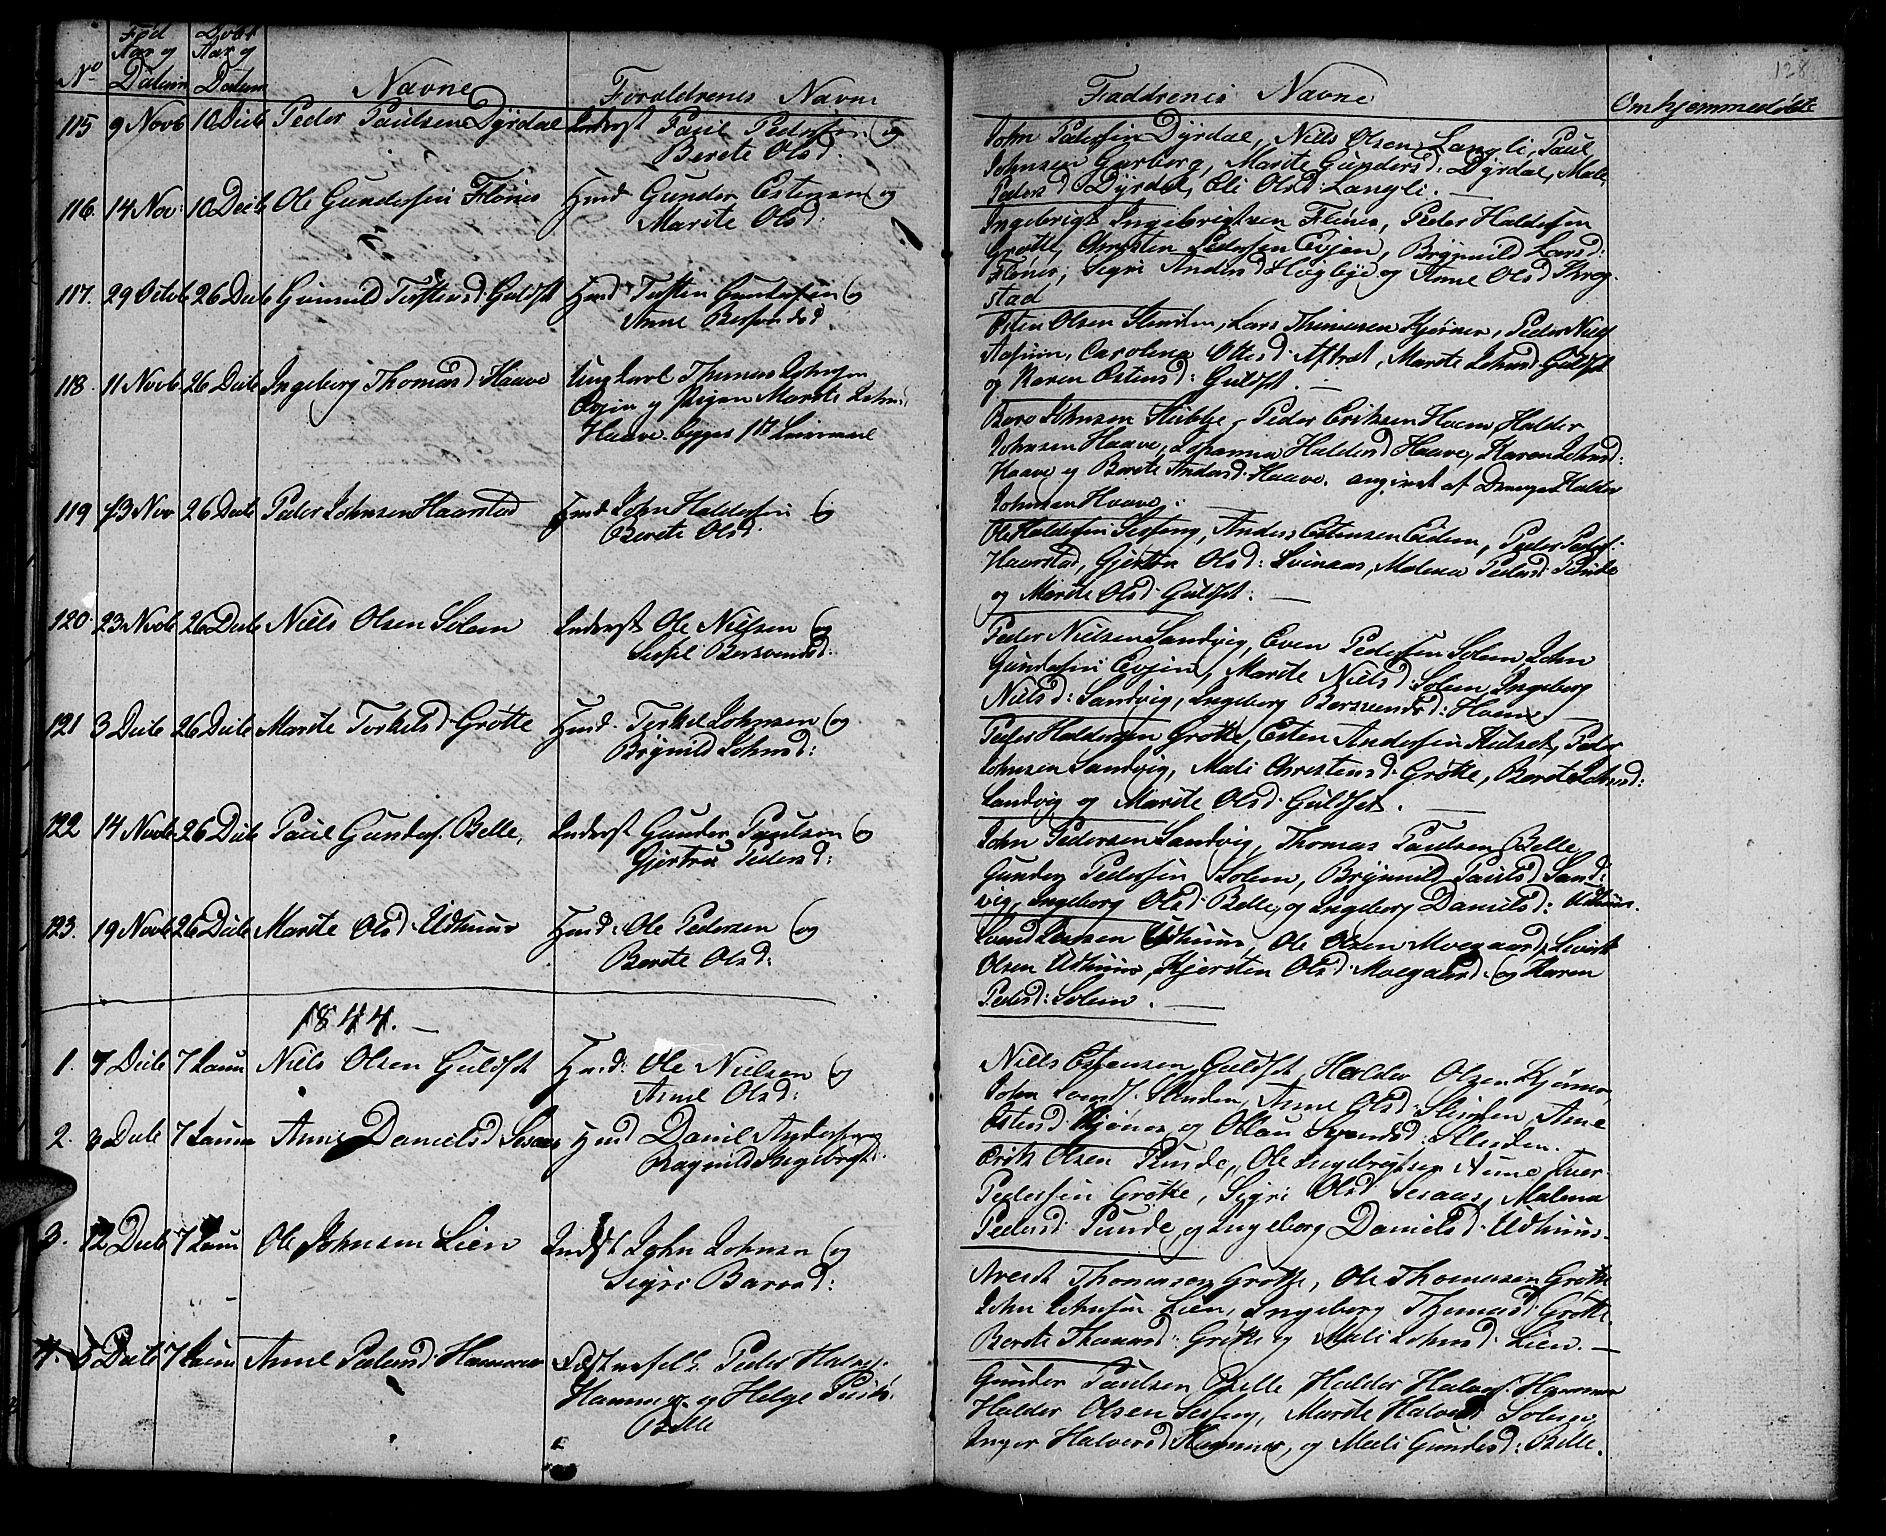 SAT, Ministerialprotokoller, klokkerbøker og fødselsregistre - Sør-Trøndelag, 695/L1154: Klokkerbok nr. 695C05, 1842-1858, s. 128b